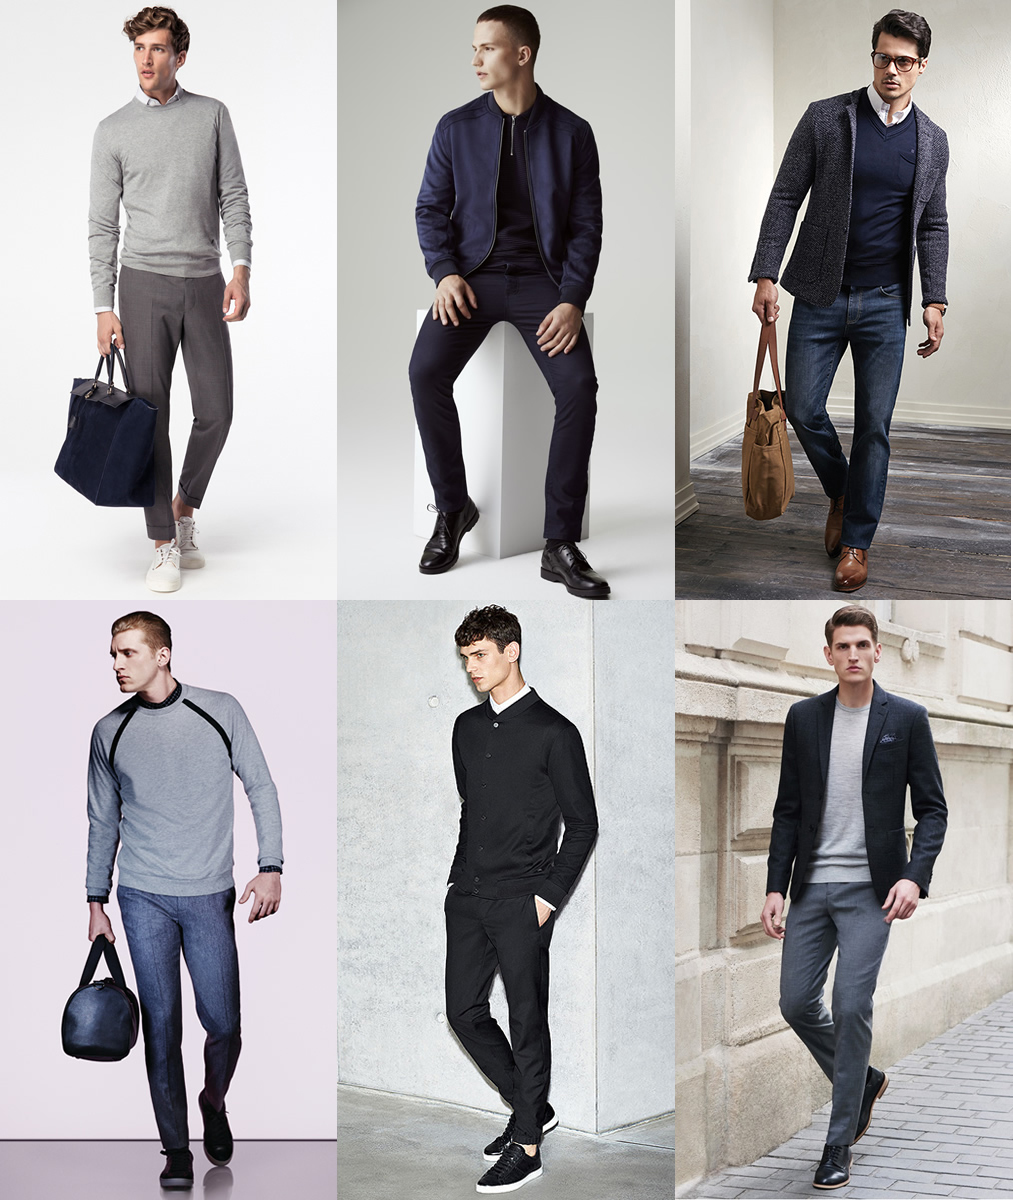 Phong cách mặc đồ cho chàng trai nhỏ người: quần áo gọn ghẽ.